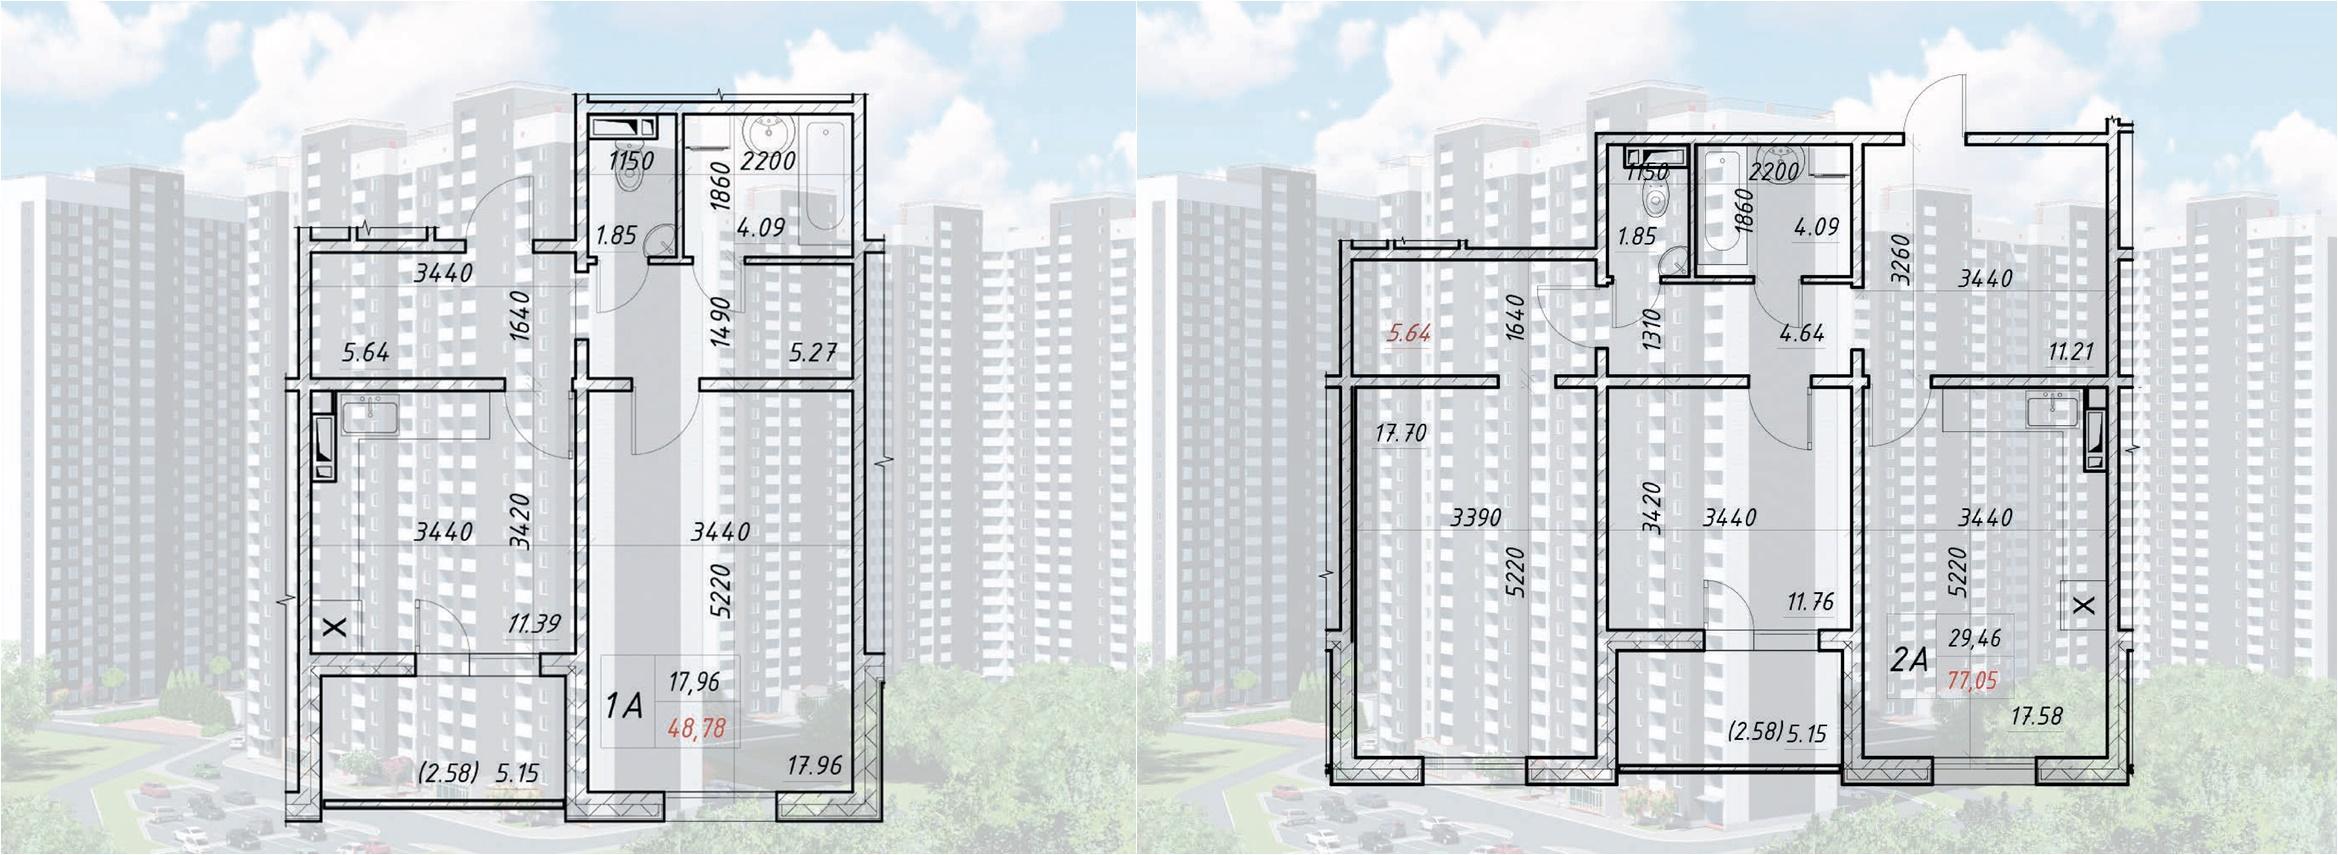 ЖК Деснянский вариант планировки квартир